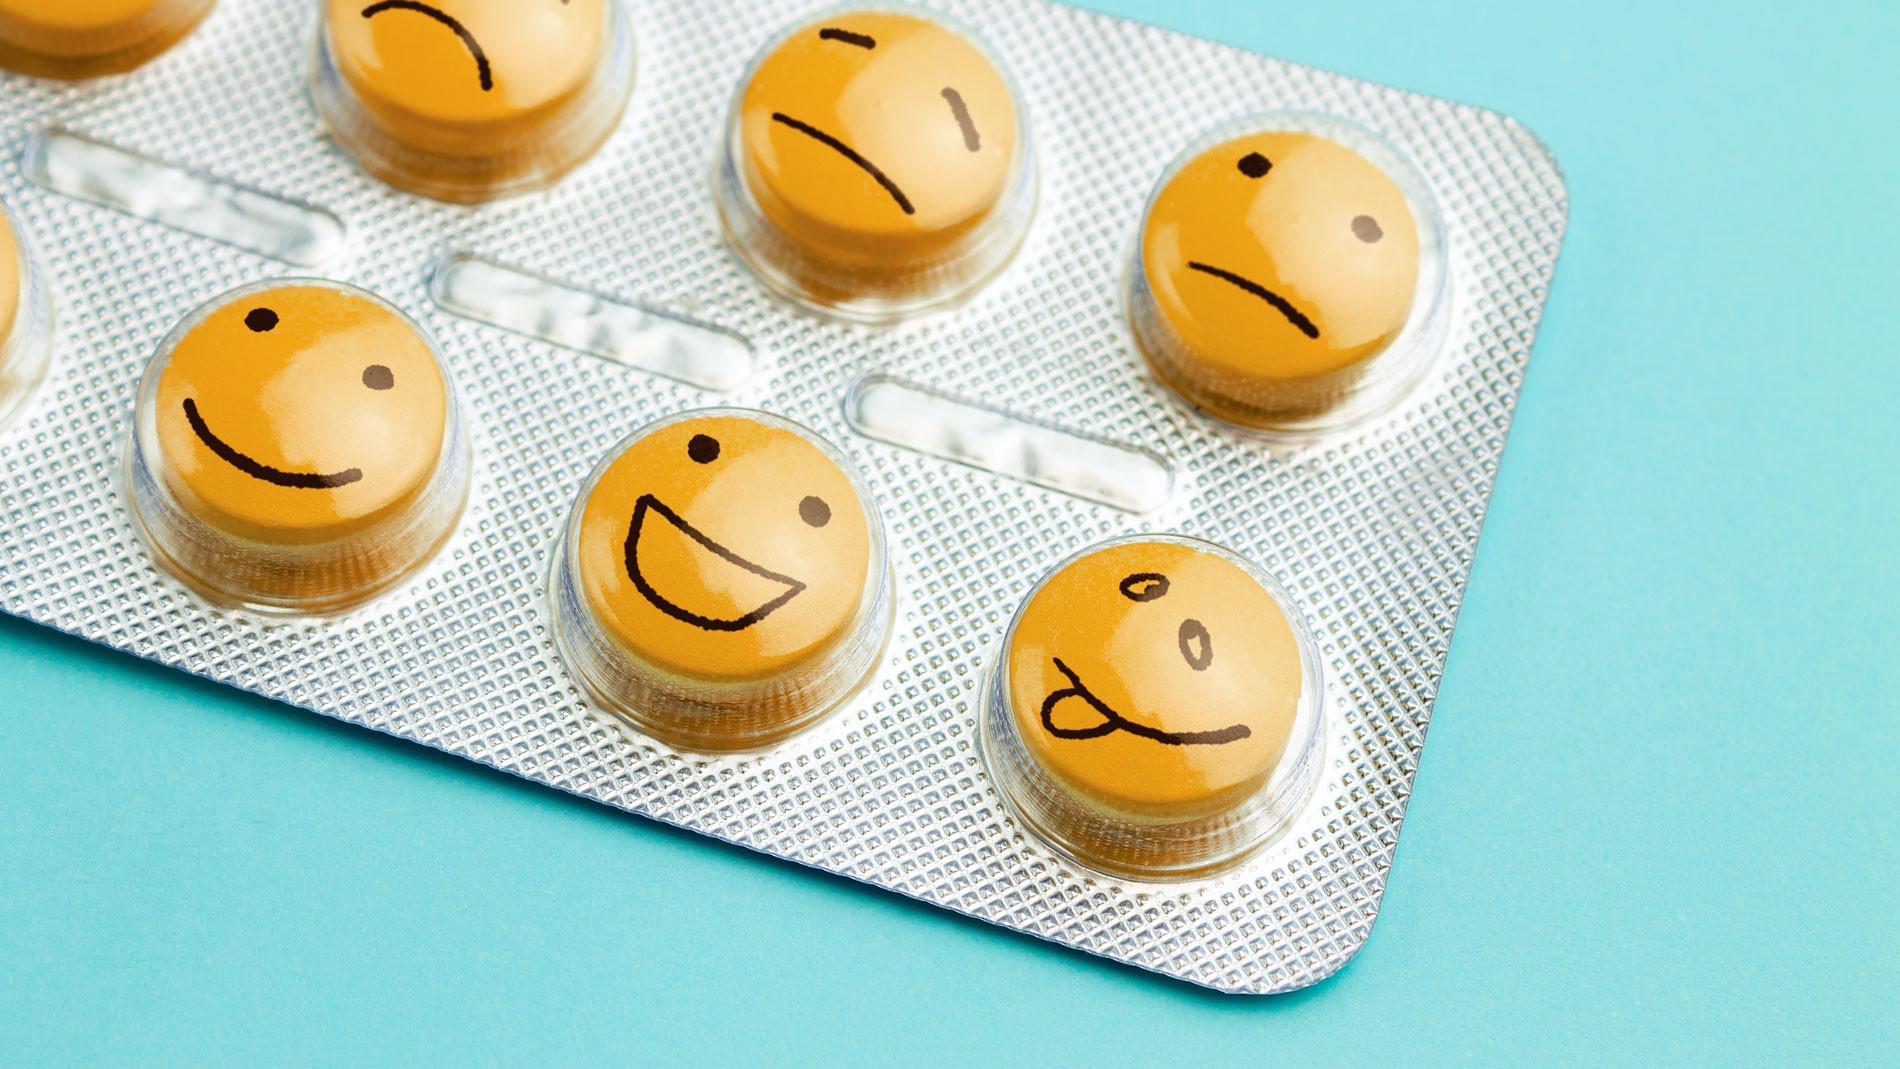 Как работают антидепрессанты и какие побочные эффекты возможны - фото 1